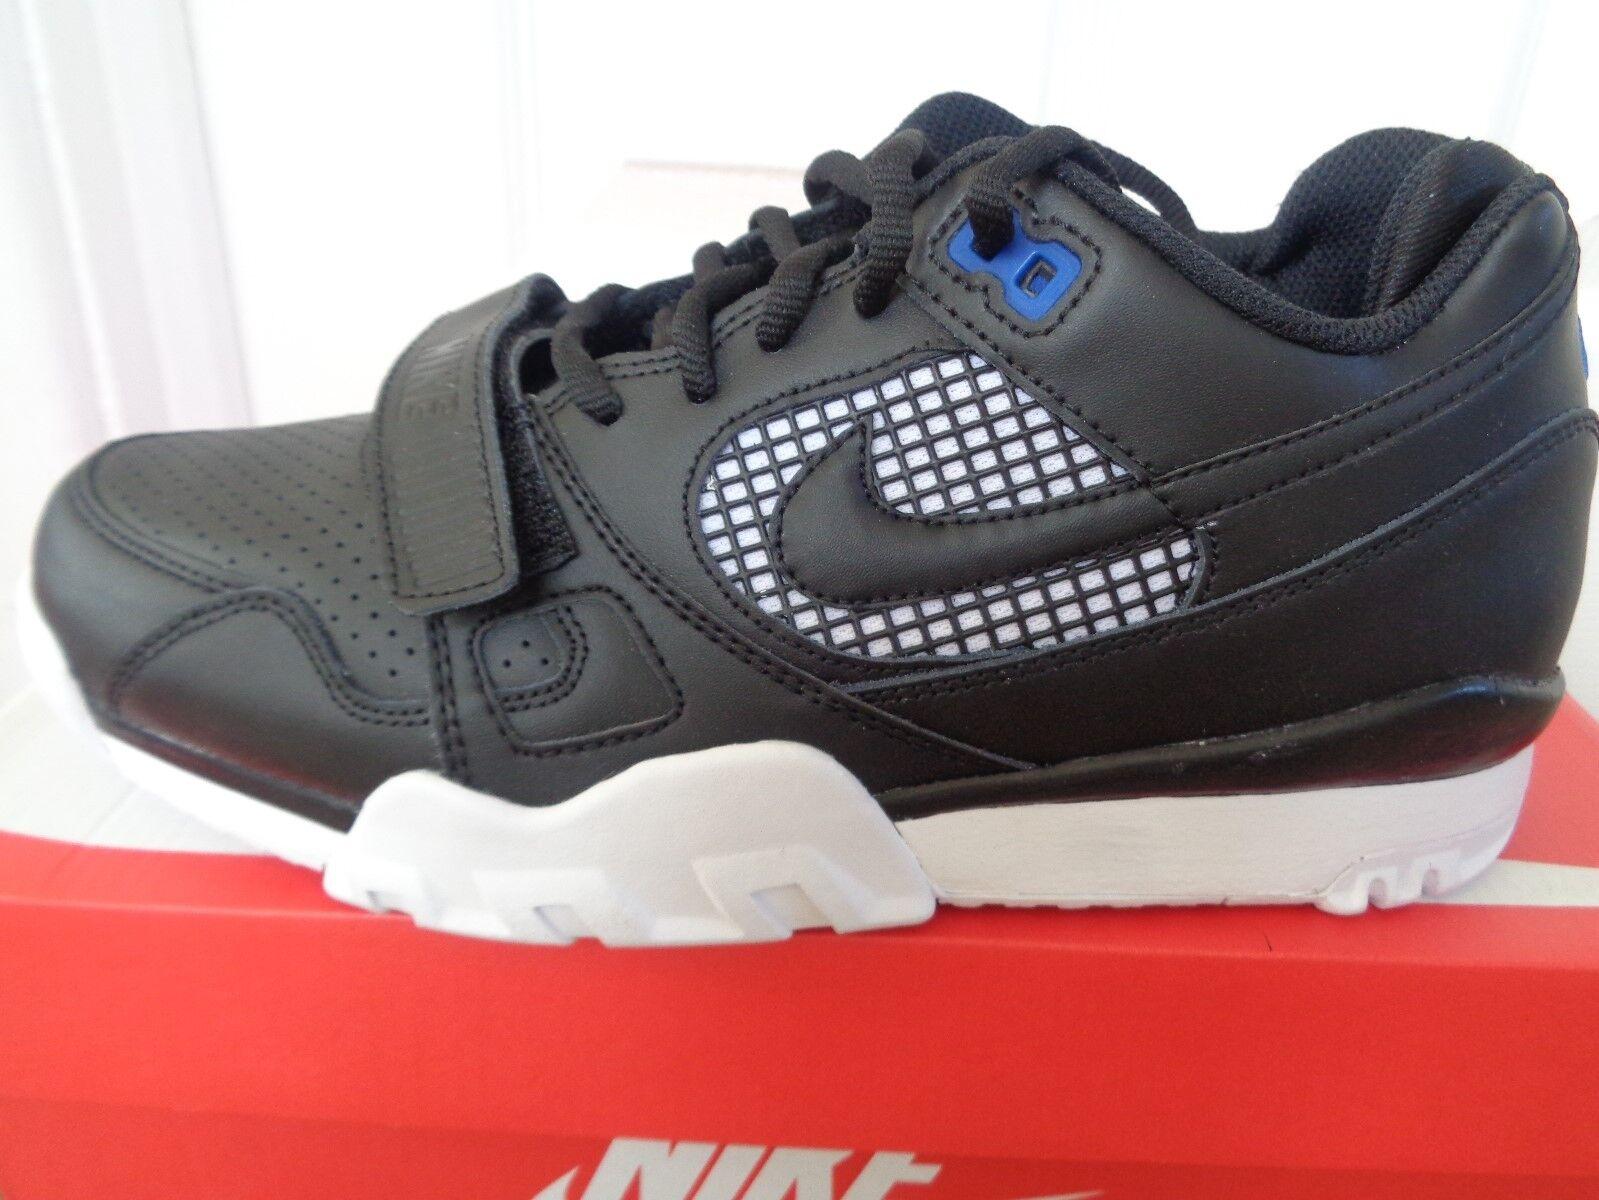 Nike Air sneakers Trainer 2 mens trainers sneakers Air 371739 002 uk 7eu 41 us 8 NEW+BOX b73b81